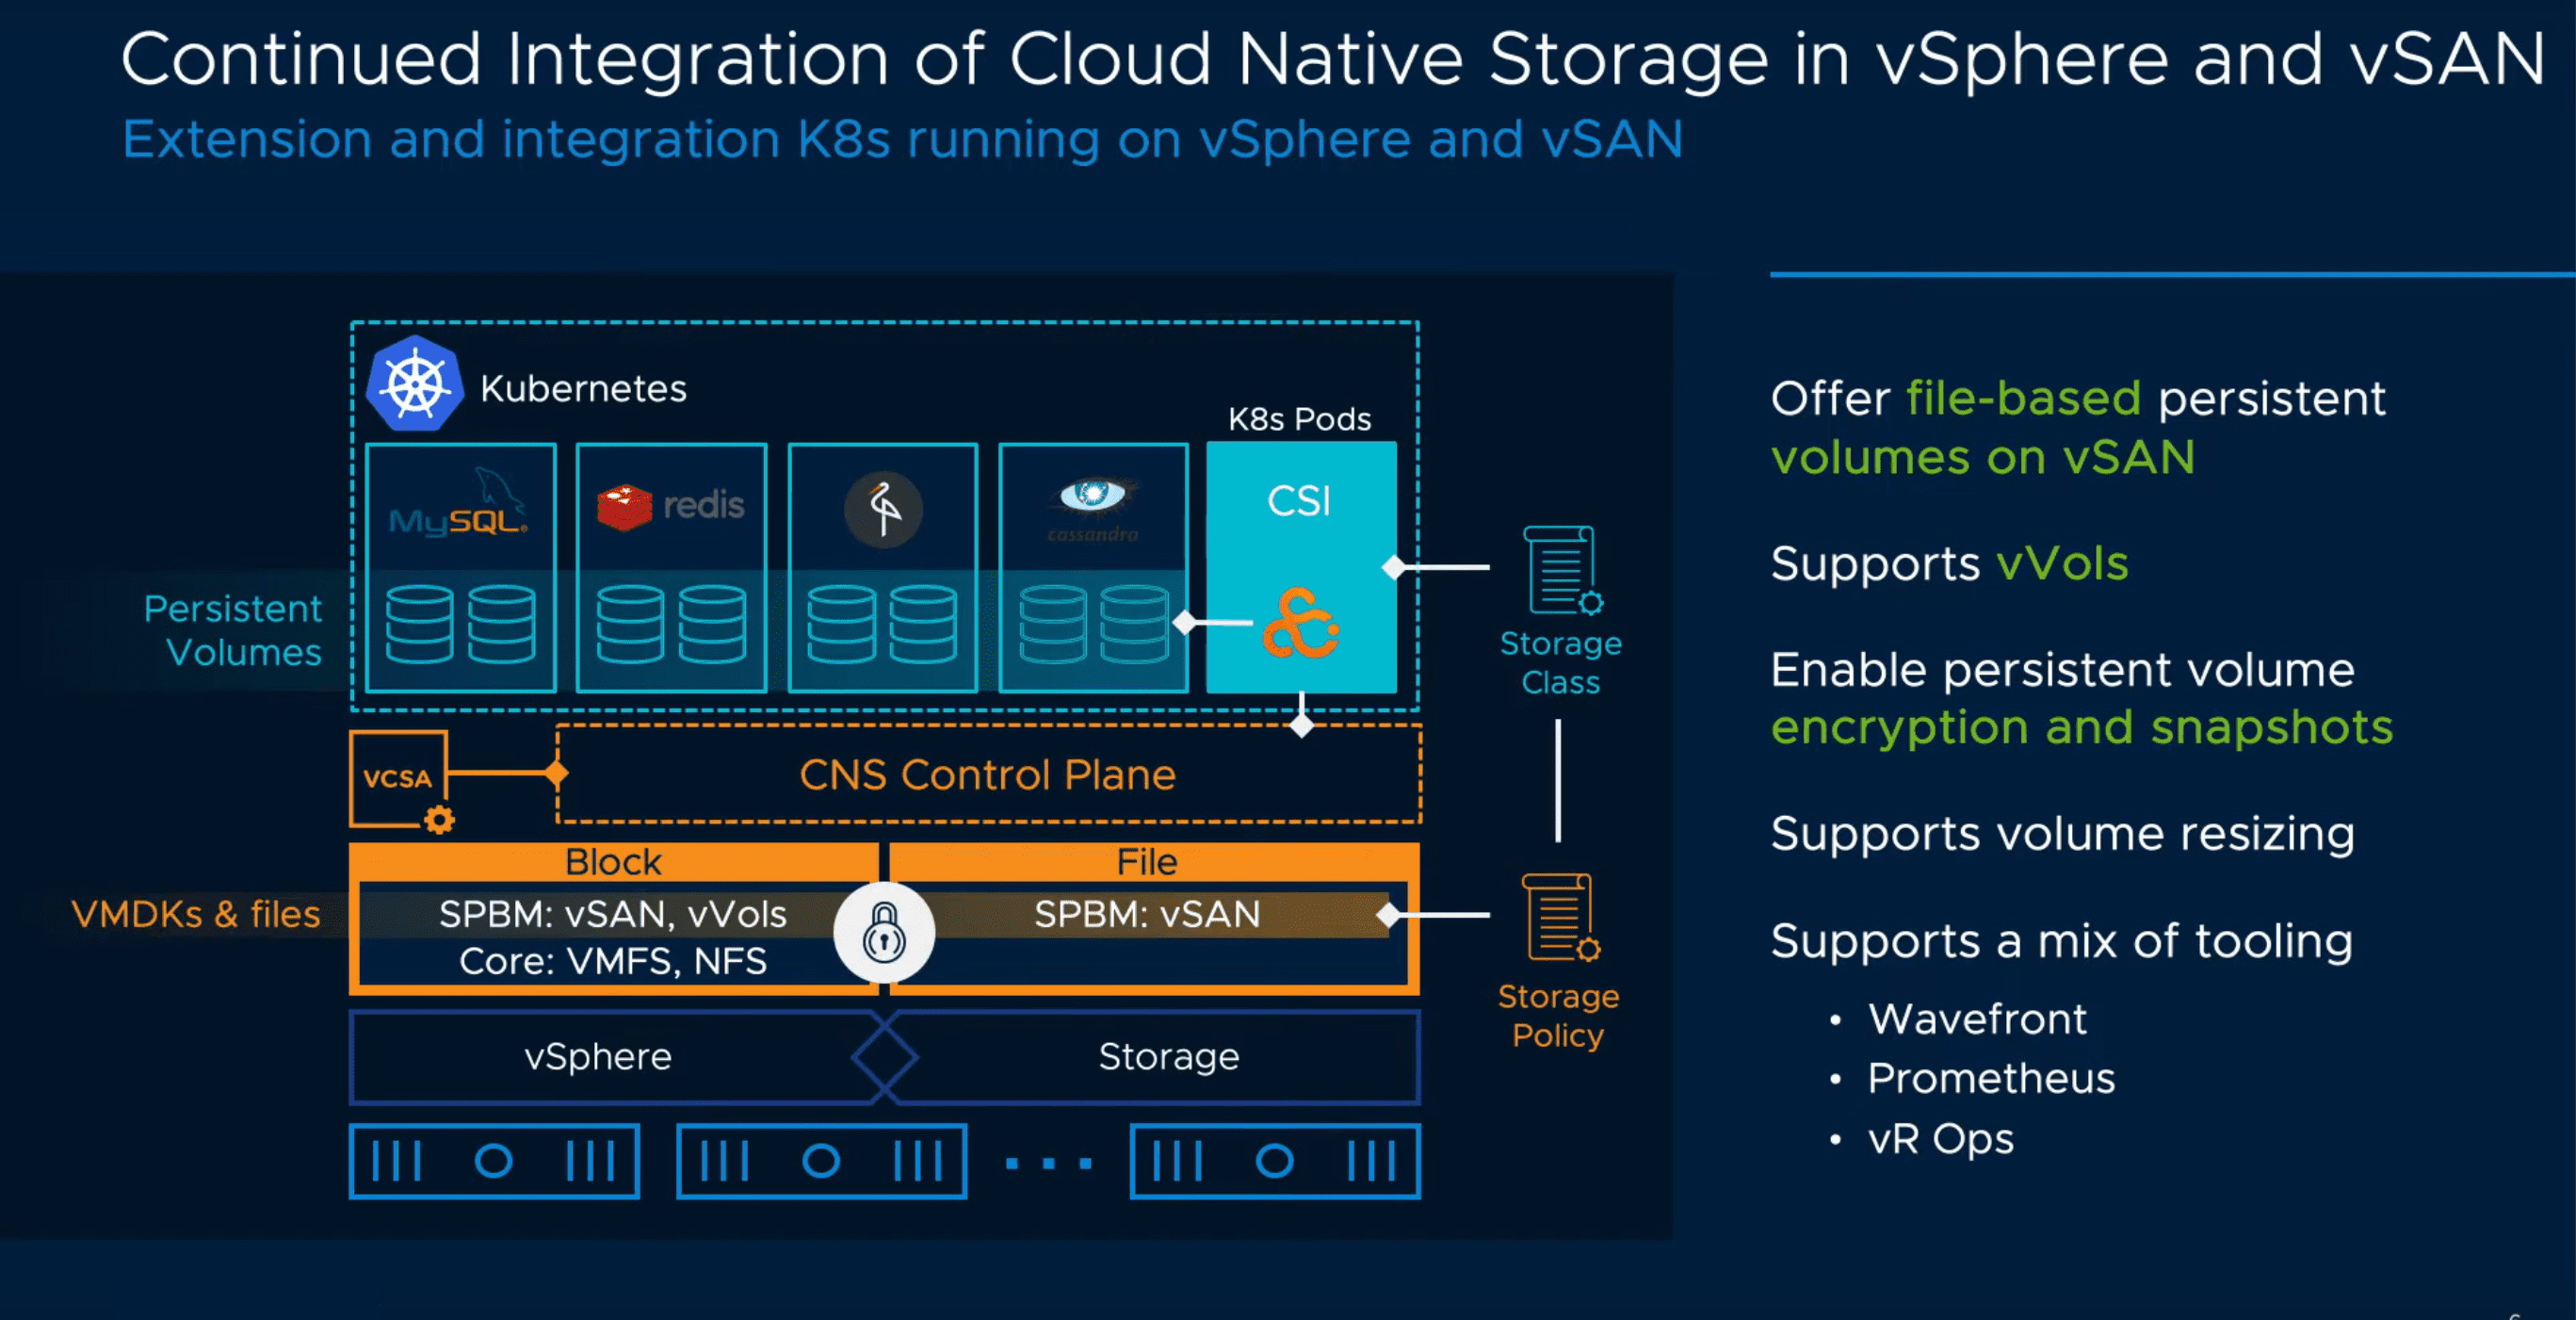 Cloud-Native-Storage-in-vSphere-nad-vSAN-7.0